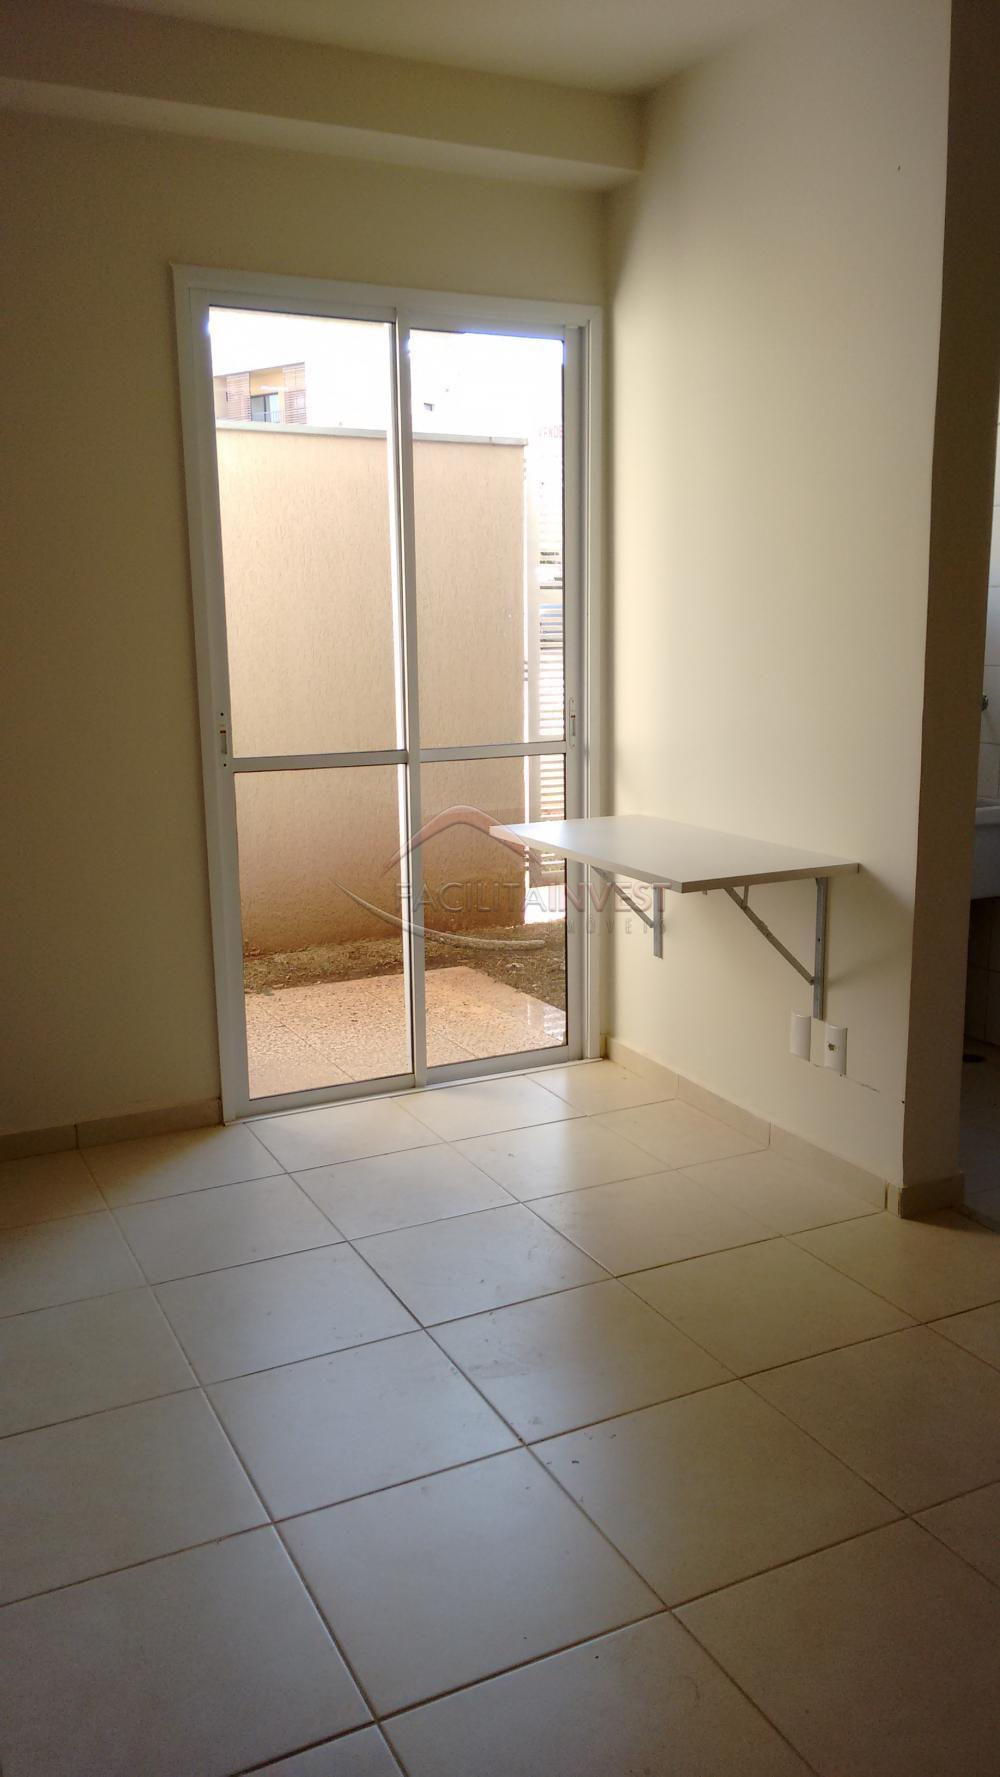 Alugar Apartamentos / Apart. Padrão em Ribeirão Preto apenas R$ 780,00 - Foto 1